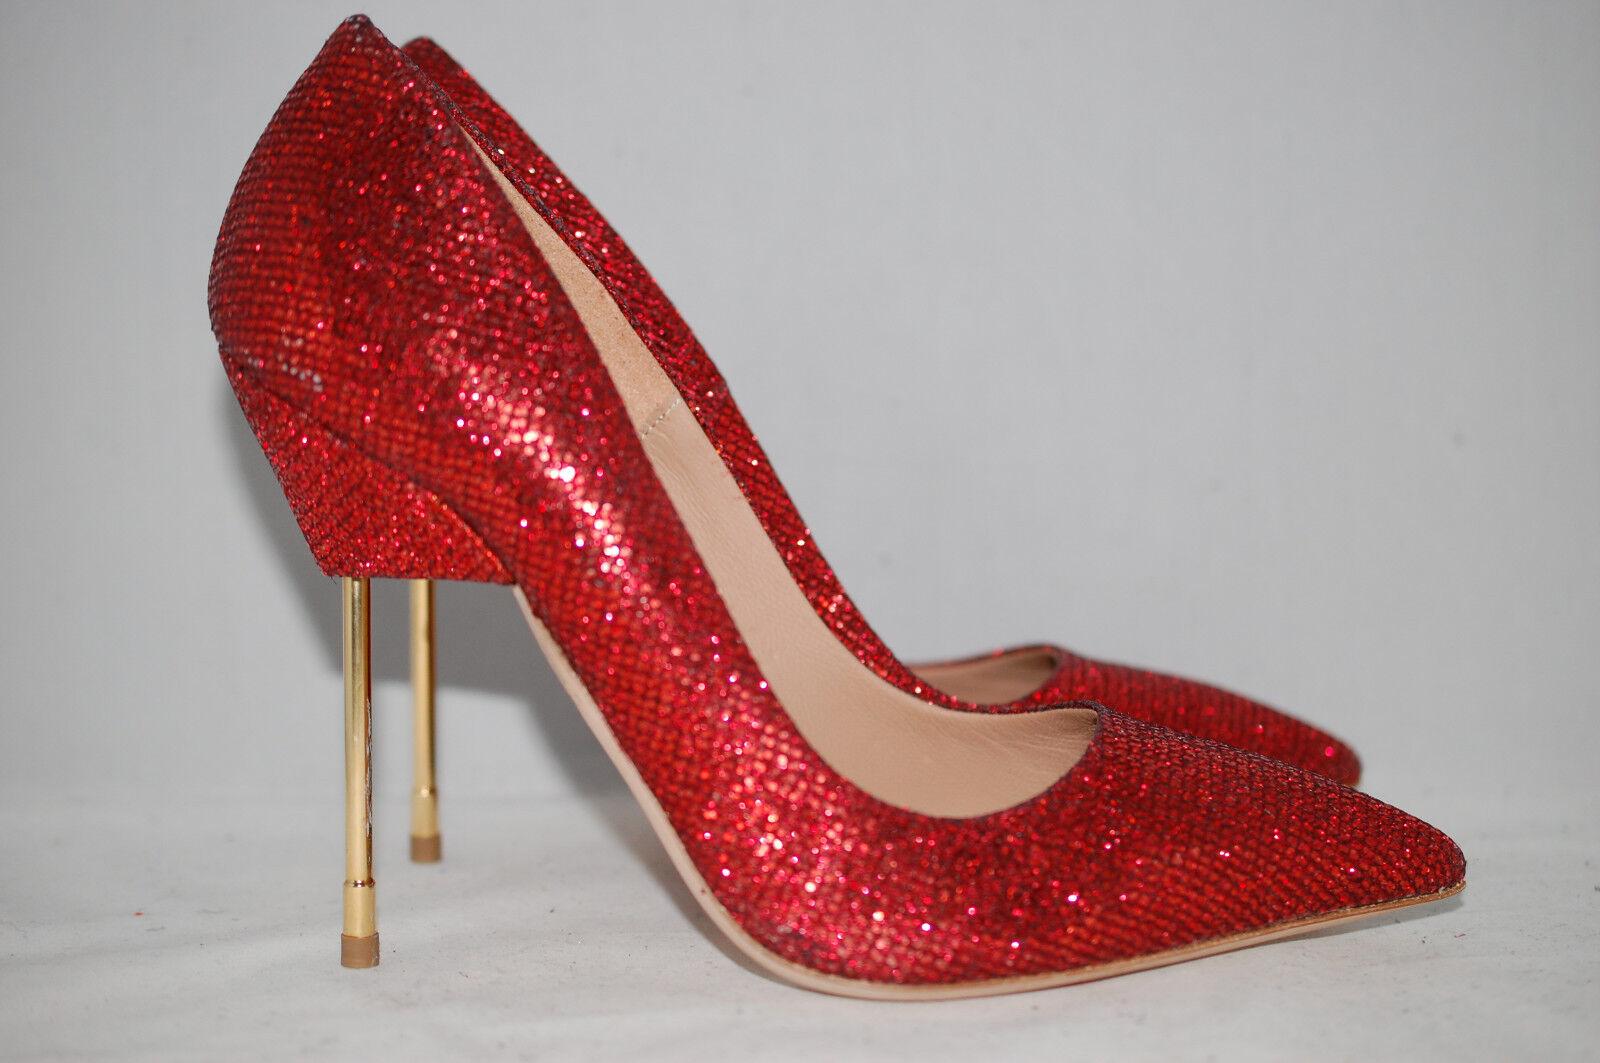 New   550 KURT GEIGER London Britton rosso Glitter Cigarette Heel Pump scarpe 8 US  spedizione gratuita in tutto il mondo